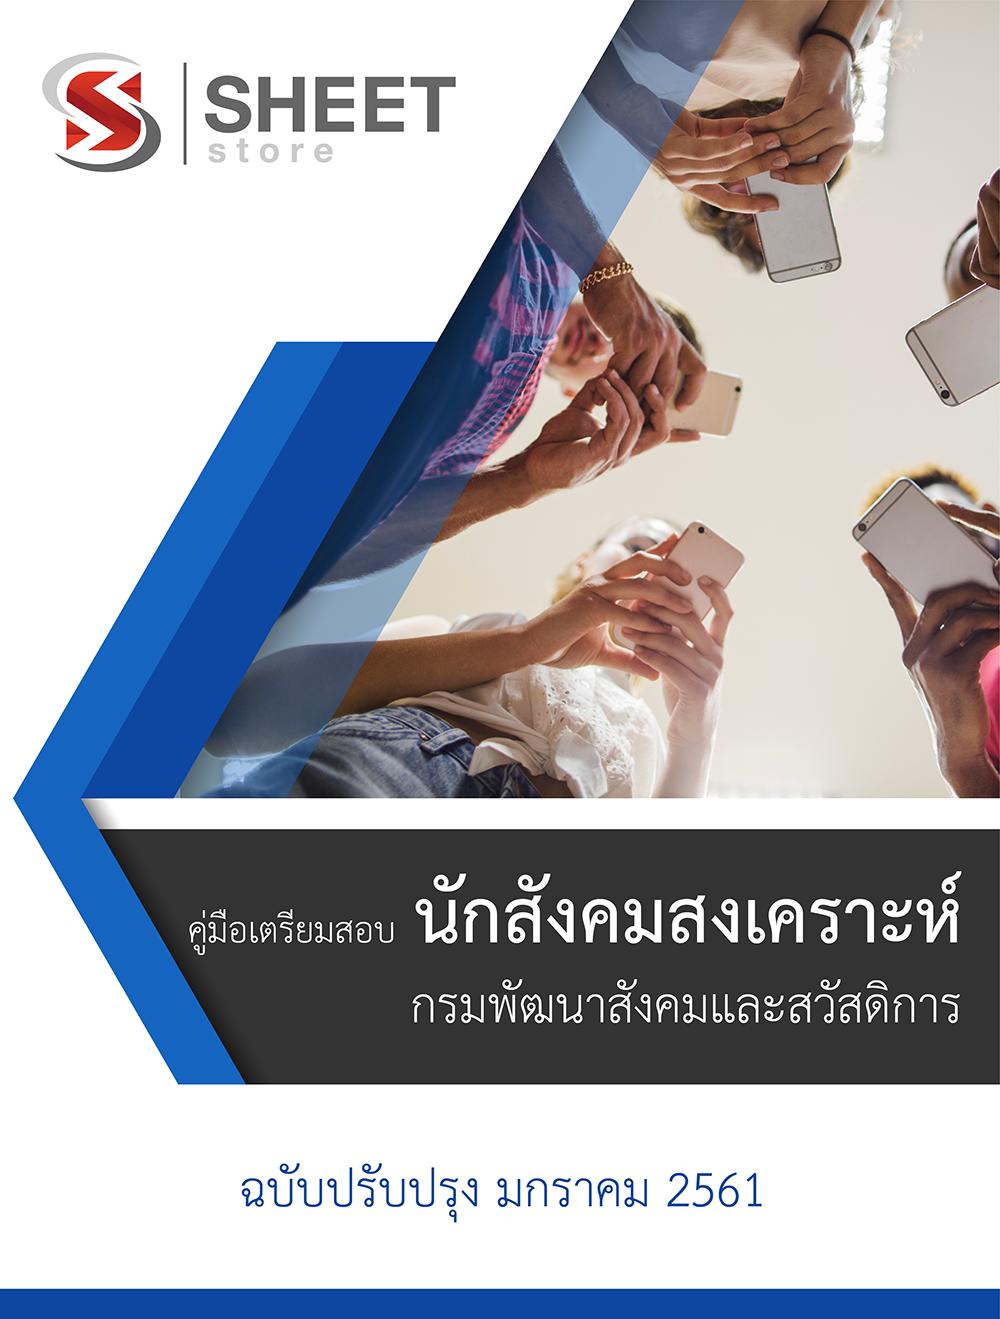 แนวข้อสอบ นักสังคมสงเคราะห์ กรมพัฒนาสังคมและสวัสดิการ